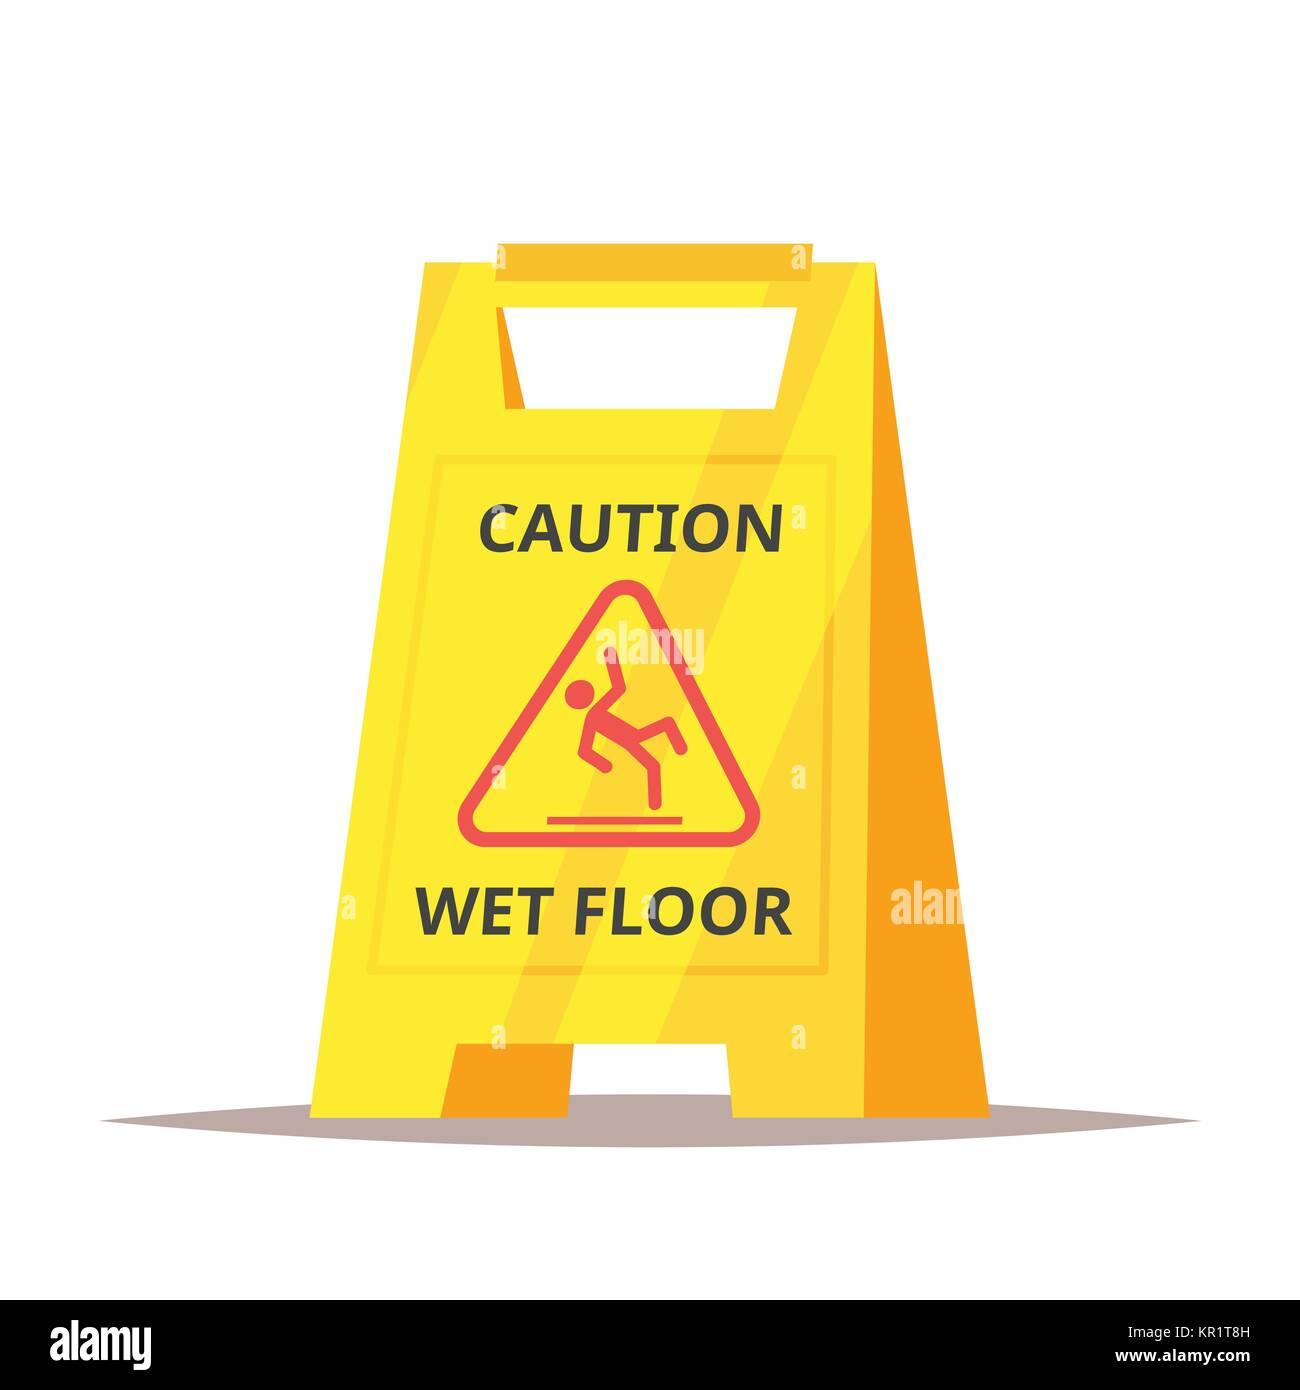 caution wet floor sign - Stock Image